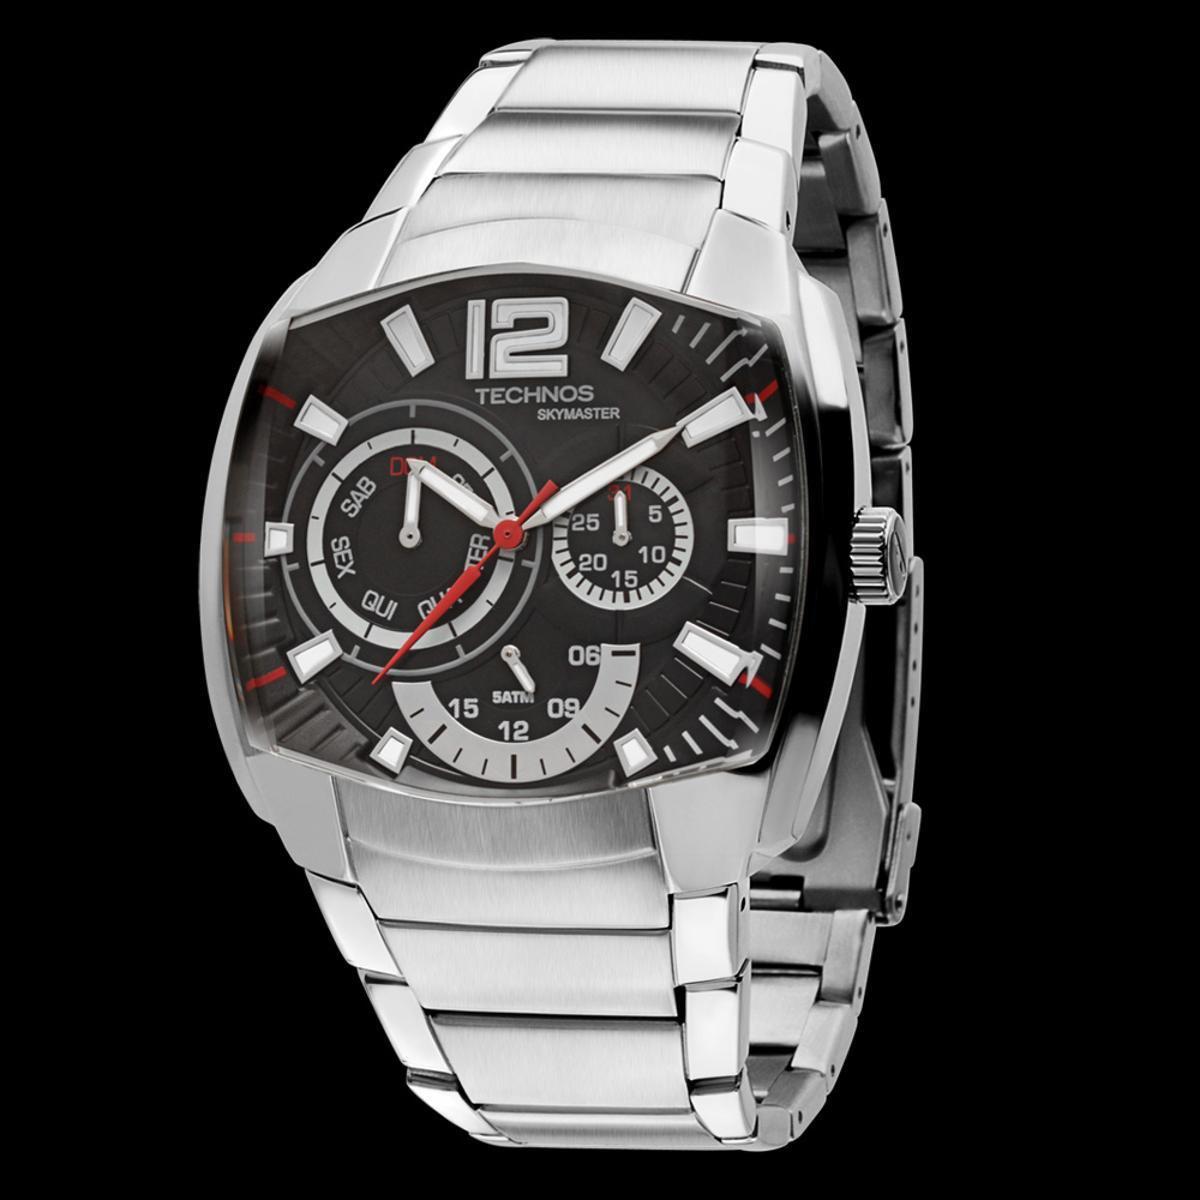 6ae2596cd5d69 Relógio Technos Skymaster - Compre Agora